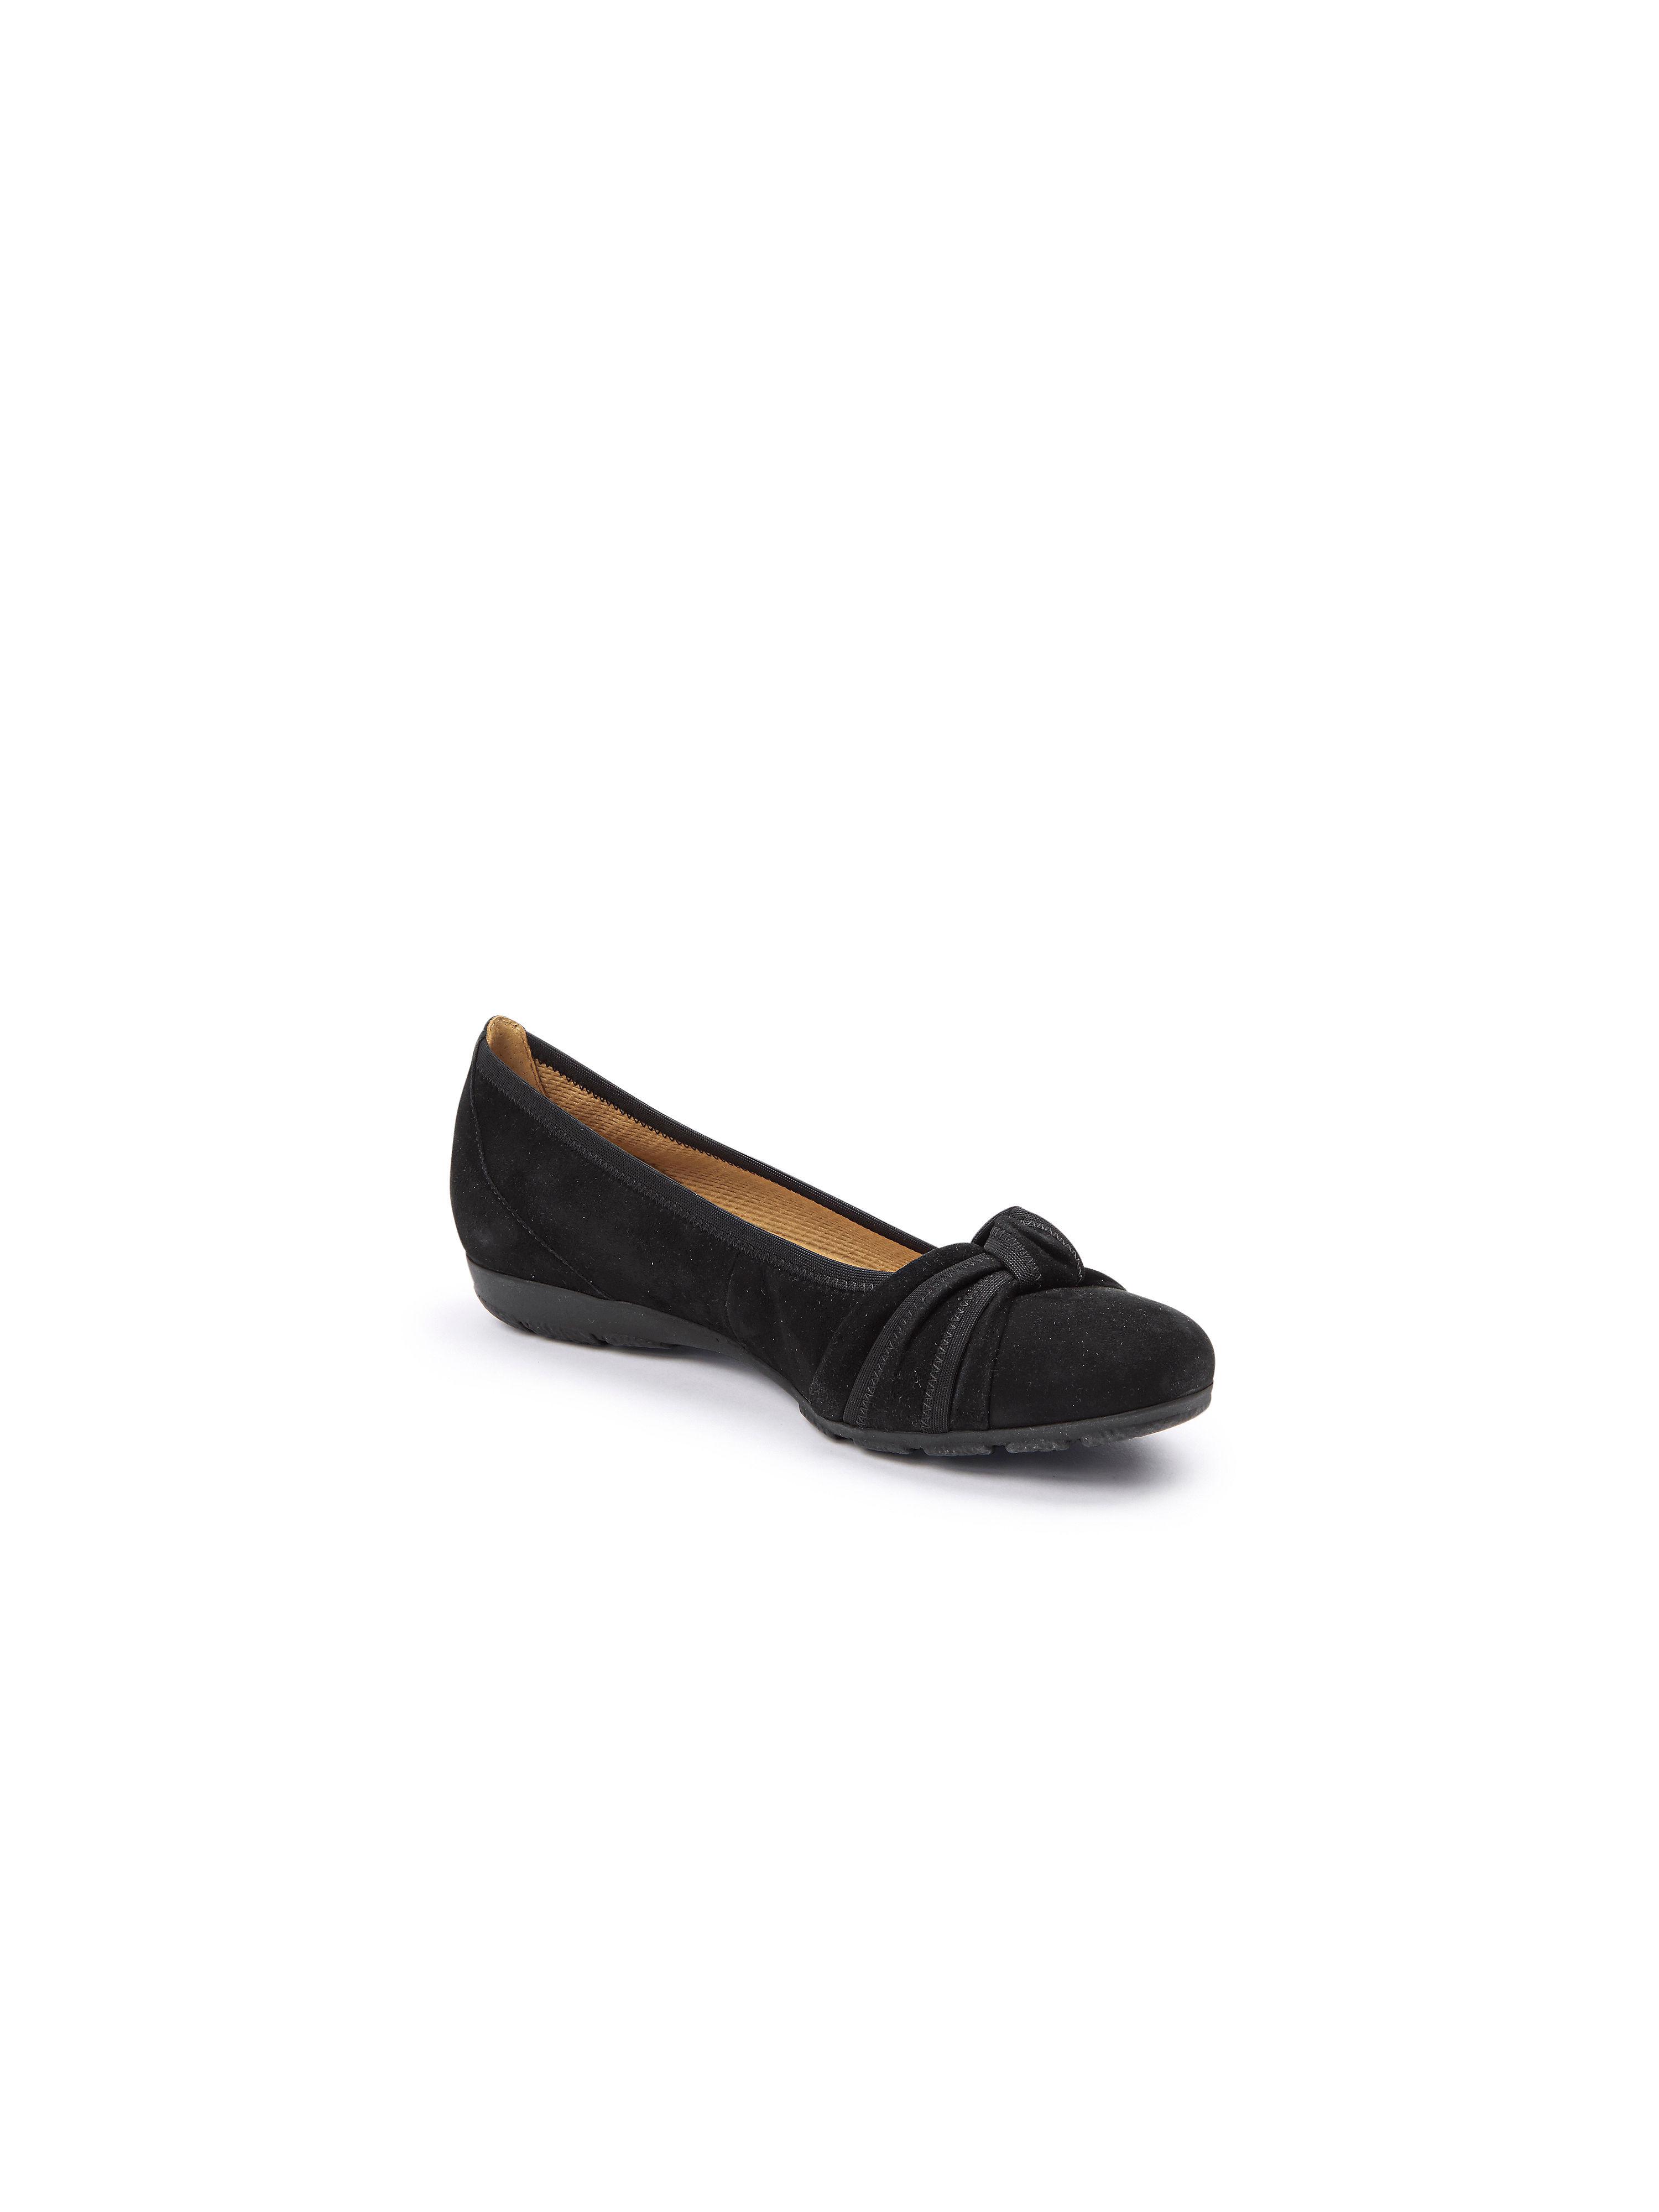 Gabor - Ballerina - Schwarz Gute Qualität beliebte Schuhe